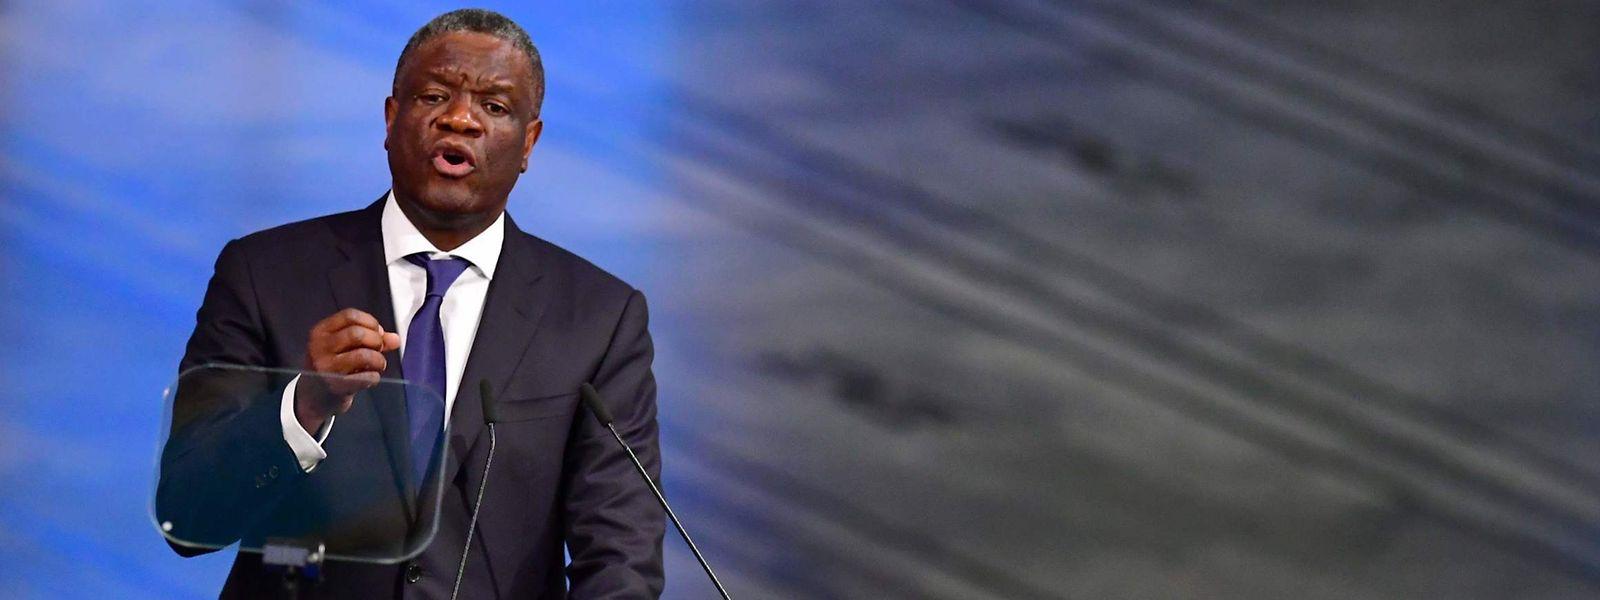 Denis Mukwege lors de la remise du prix Nobel de la paix 2018 à Oslo.